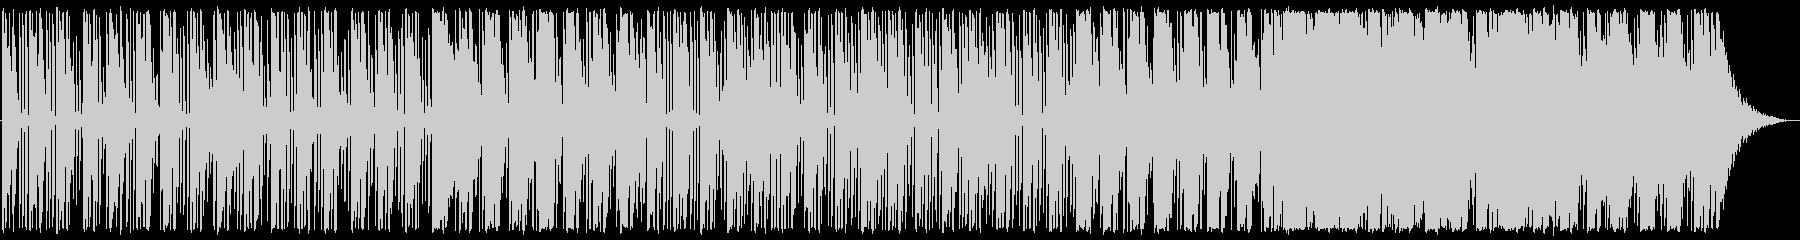 優しいエレクトロニカの未再生の波形